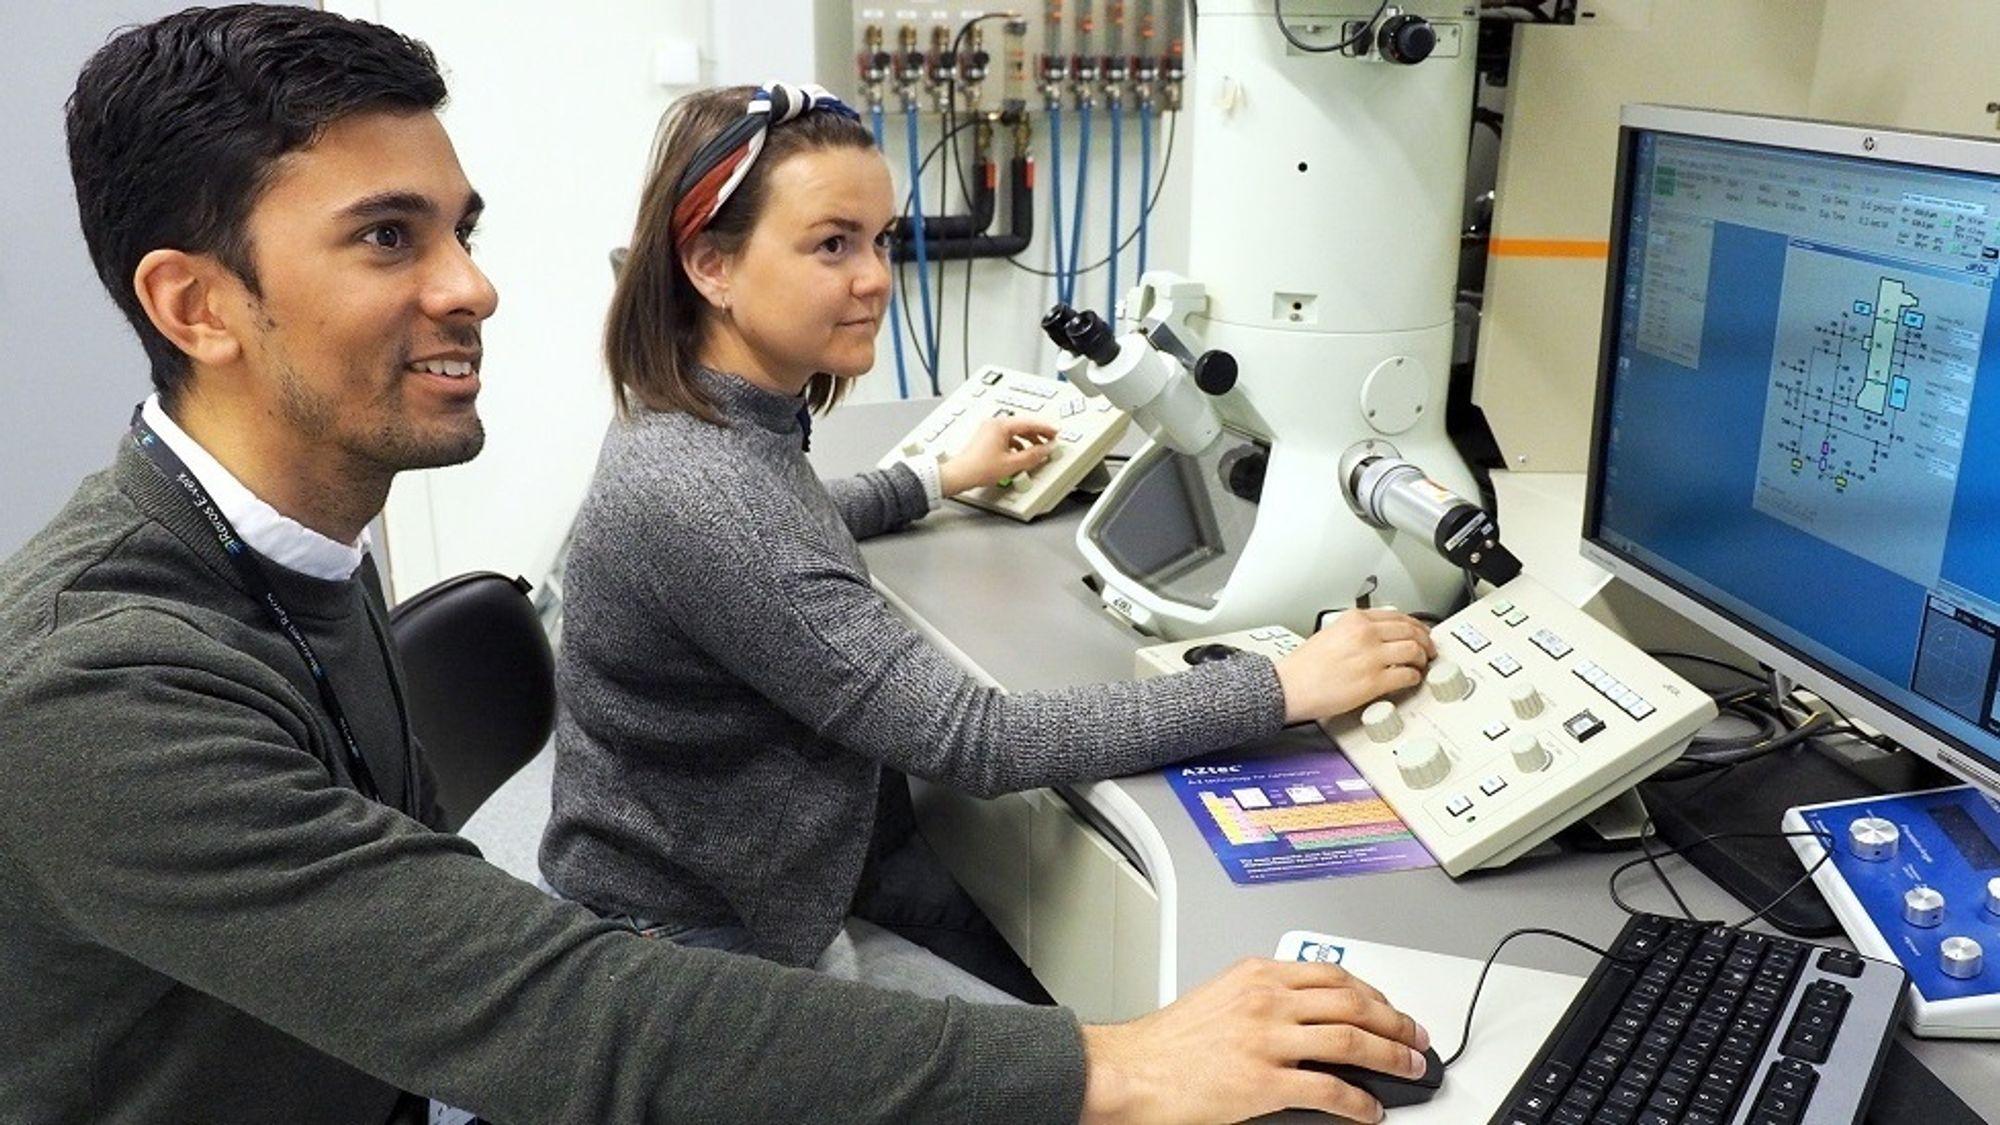 Adrian Lervik og Elisabeth Thronsen bruker elektronmikroskop for å undersøke strukturen i aluminiumslegeringer.